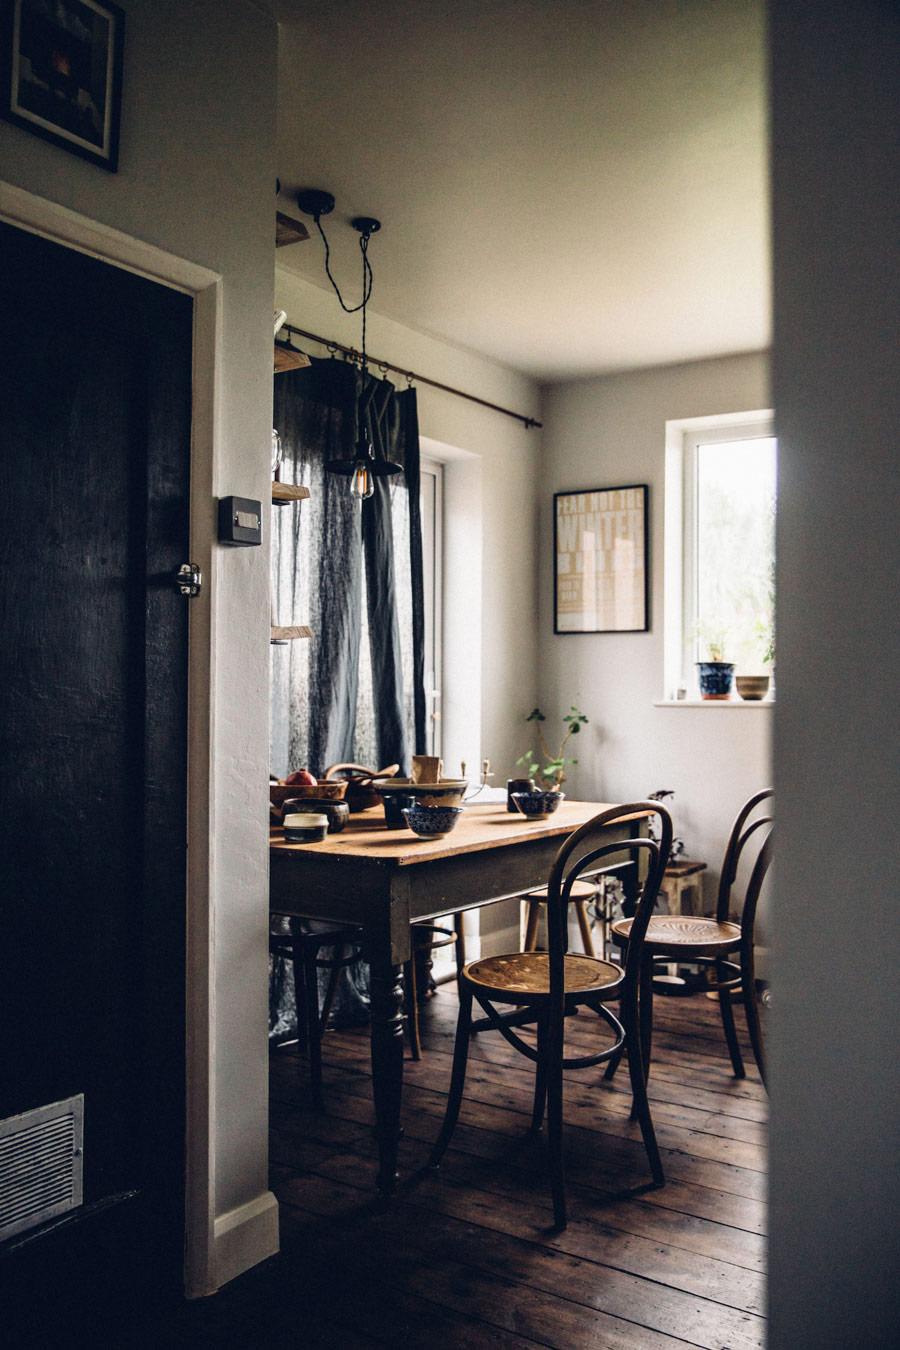 Moody kitchen hues